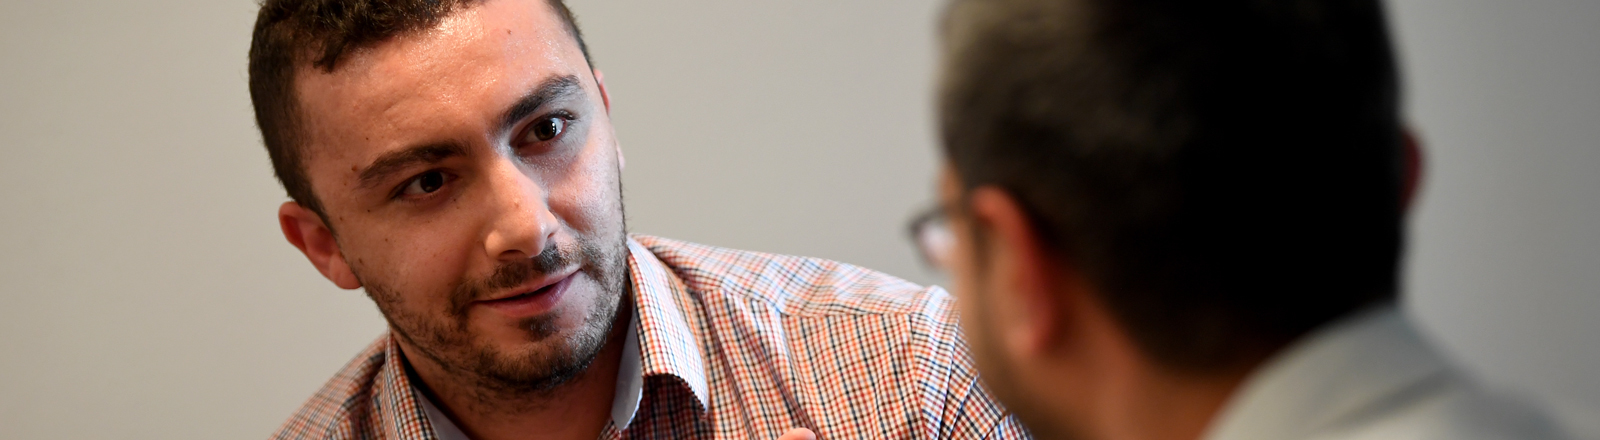 Berlin: Ahmad C. (l) und Ahmad S., psychosoziale Berater für Flüchtlinge, unterhalten sich in Räumlichkeiten der Organisation IPSO (International Psychosocial Organisation).